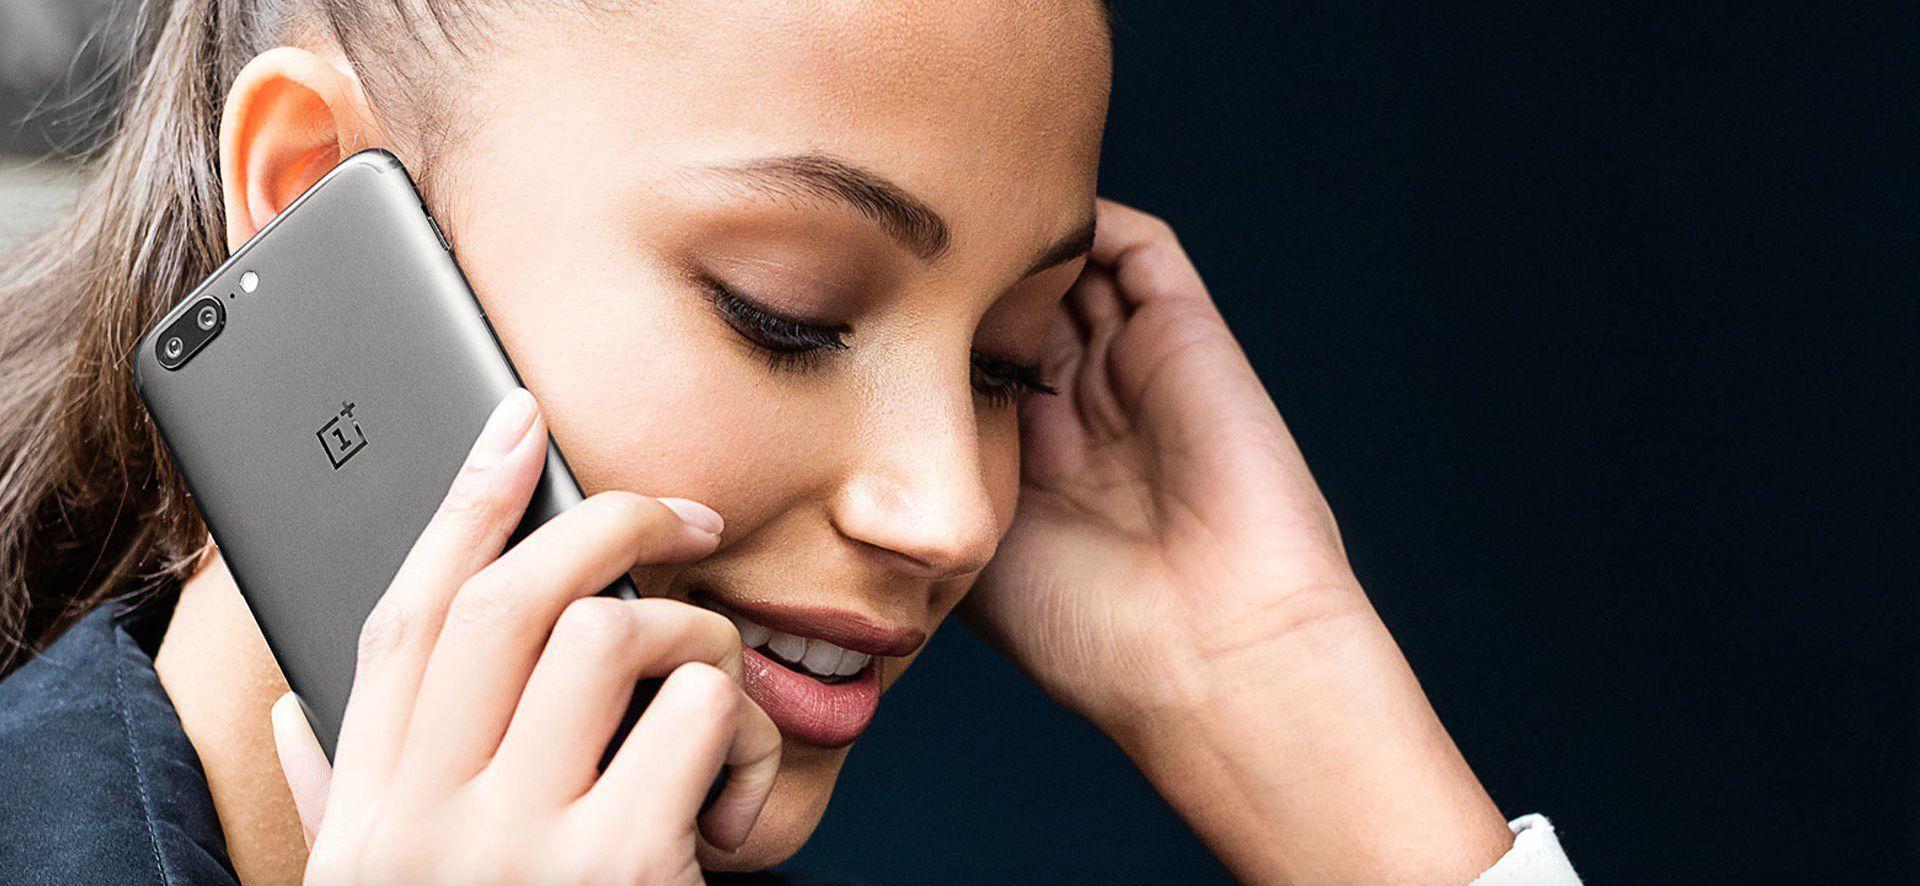 Авторы статьи о «смартфонной кости» передумали связывать ее со смартфонами